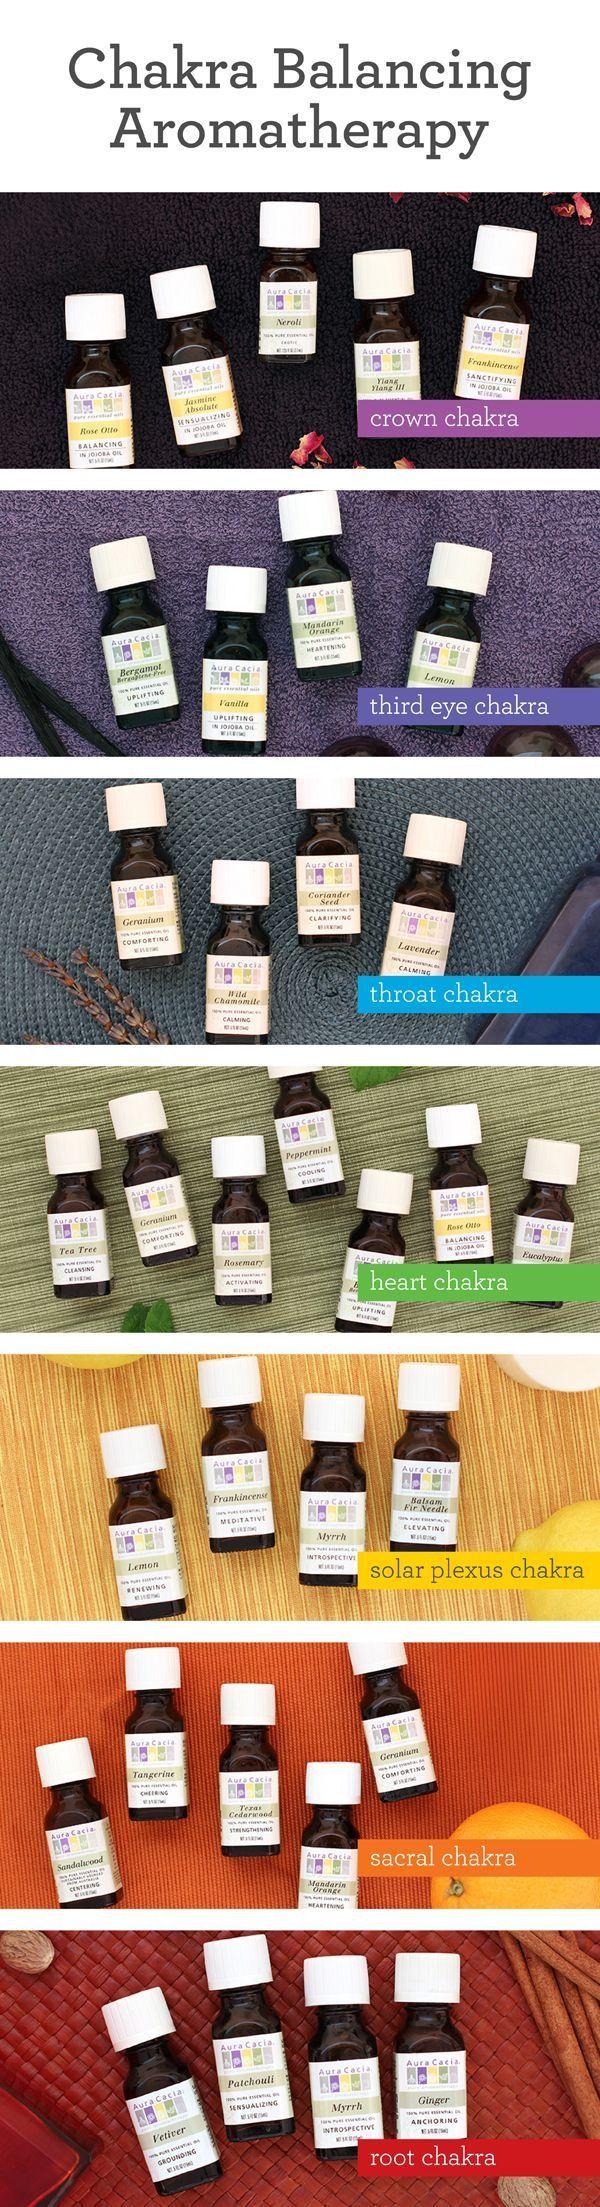 Chakra Balancing Aromatherapy